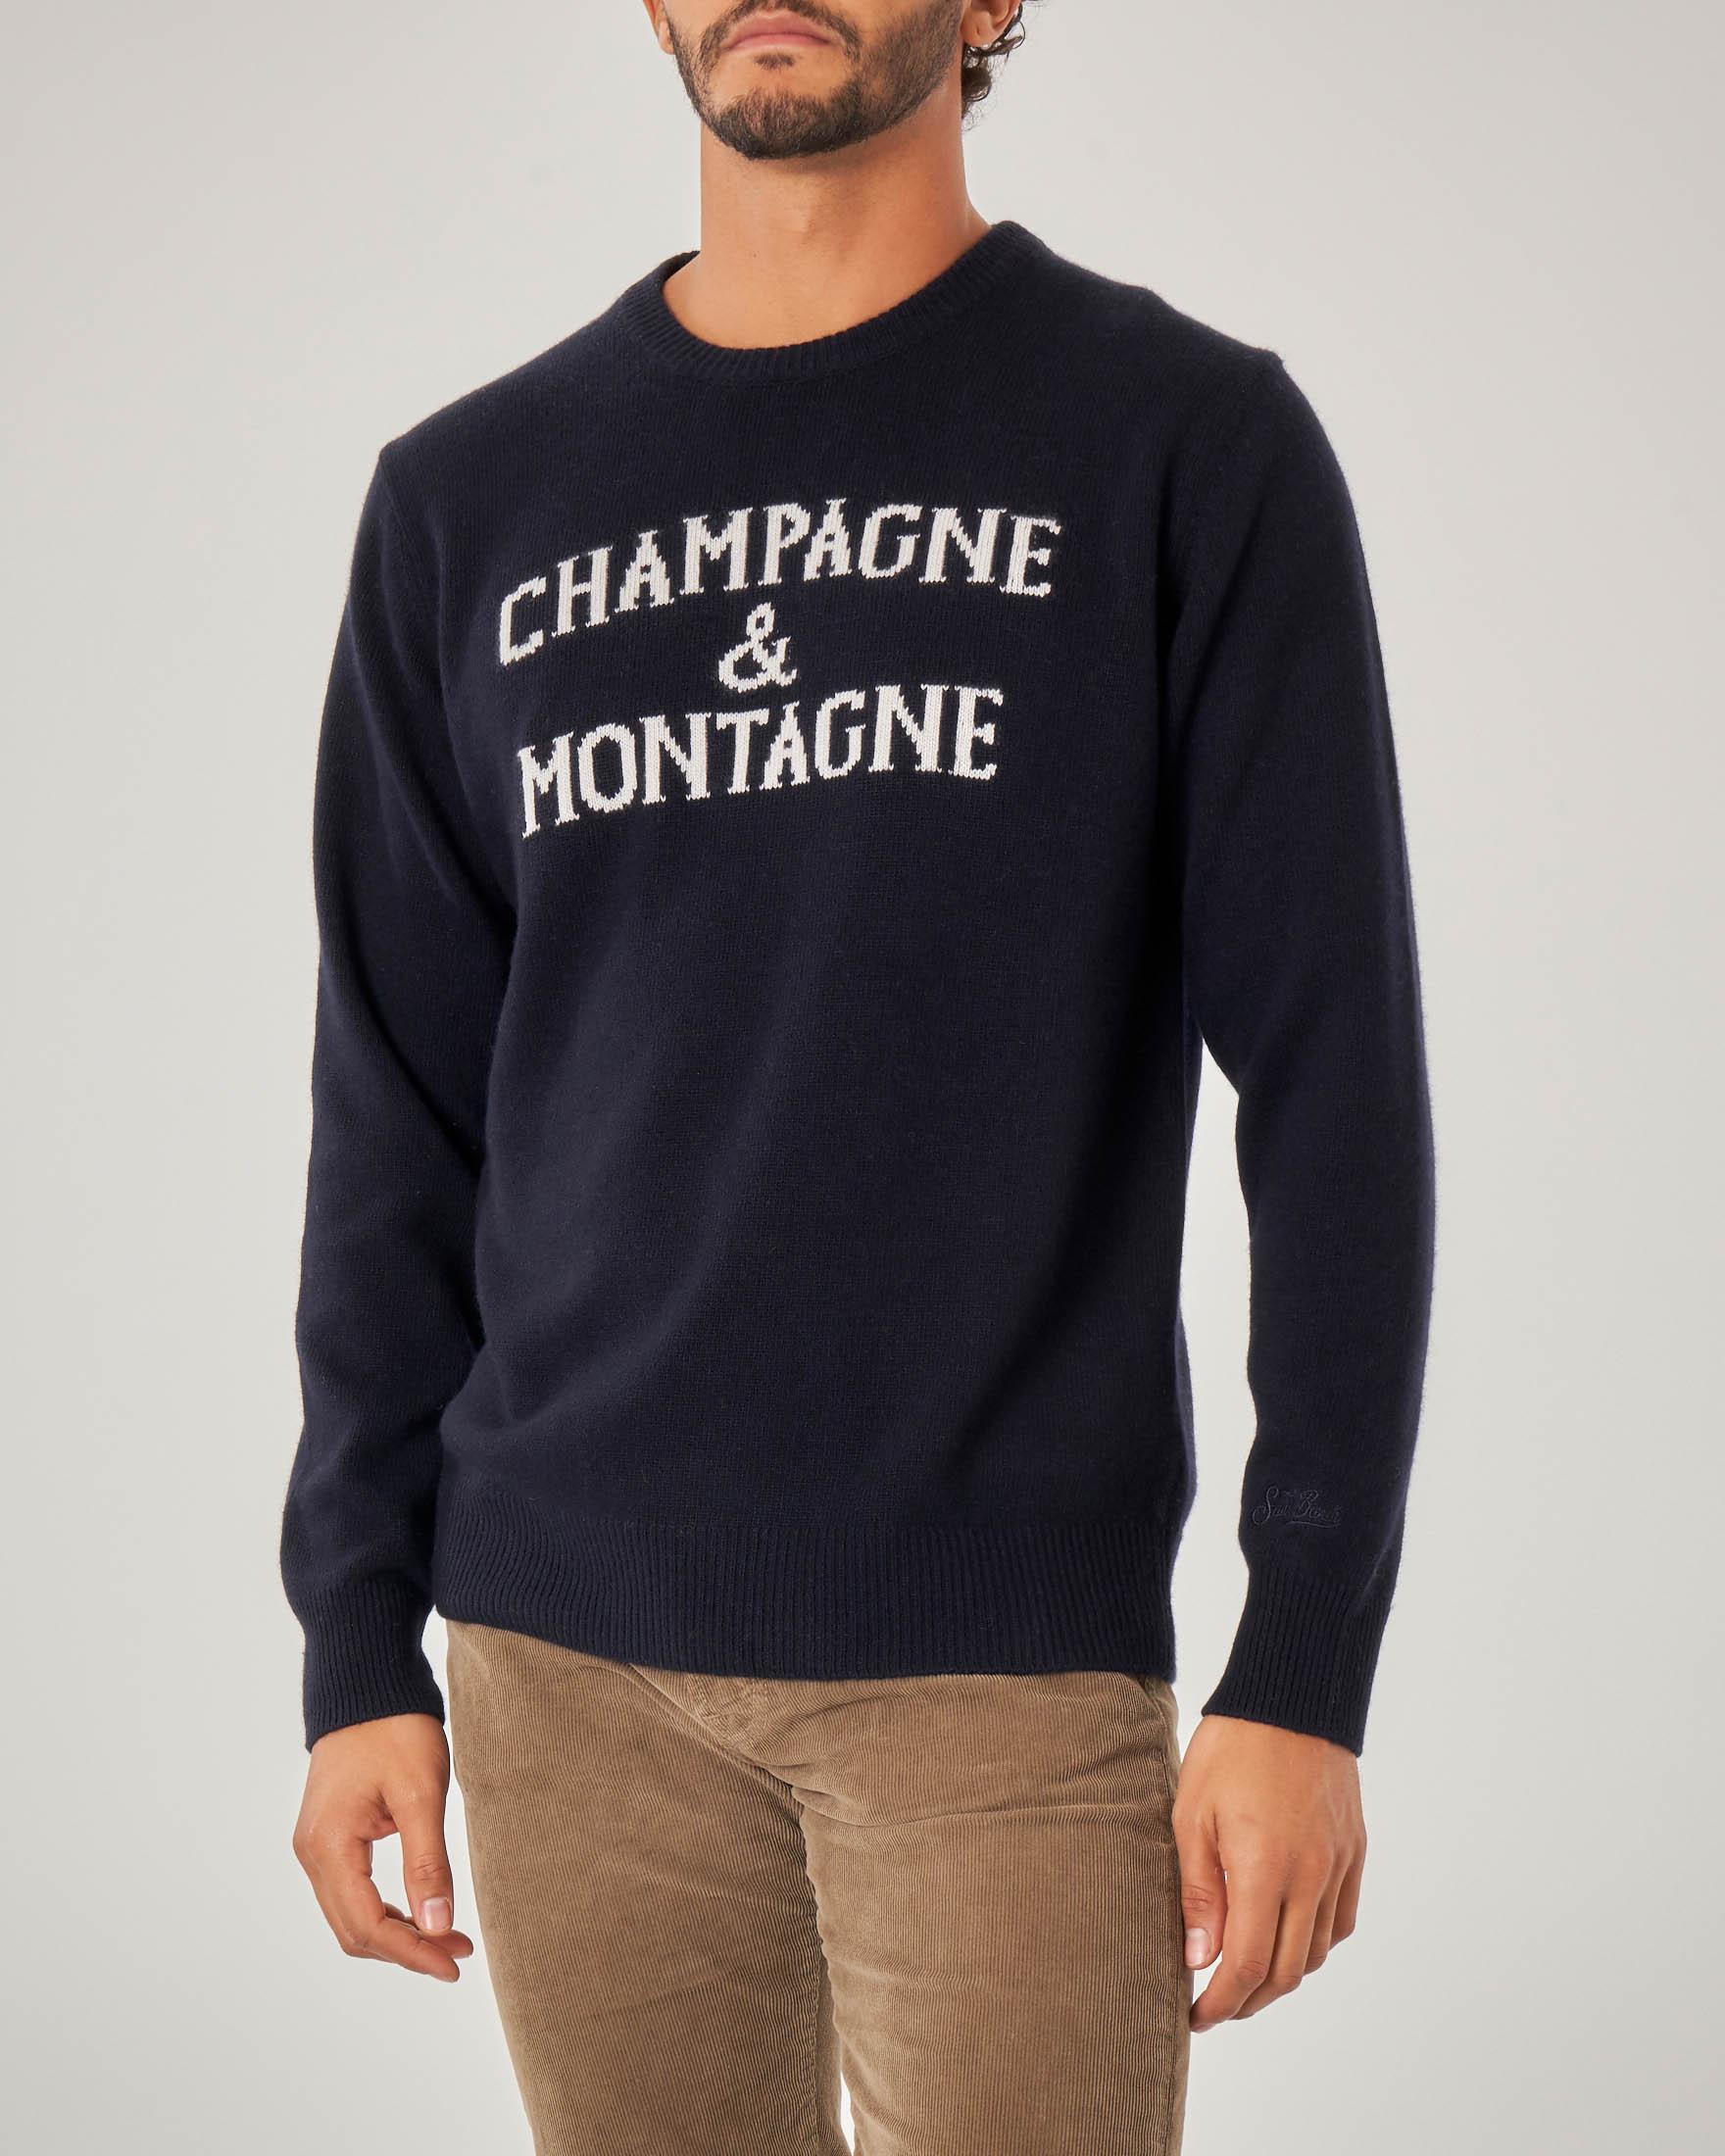 Maglia blu in misto lana viscosa e cachemire con scritta Champagne & Montagne